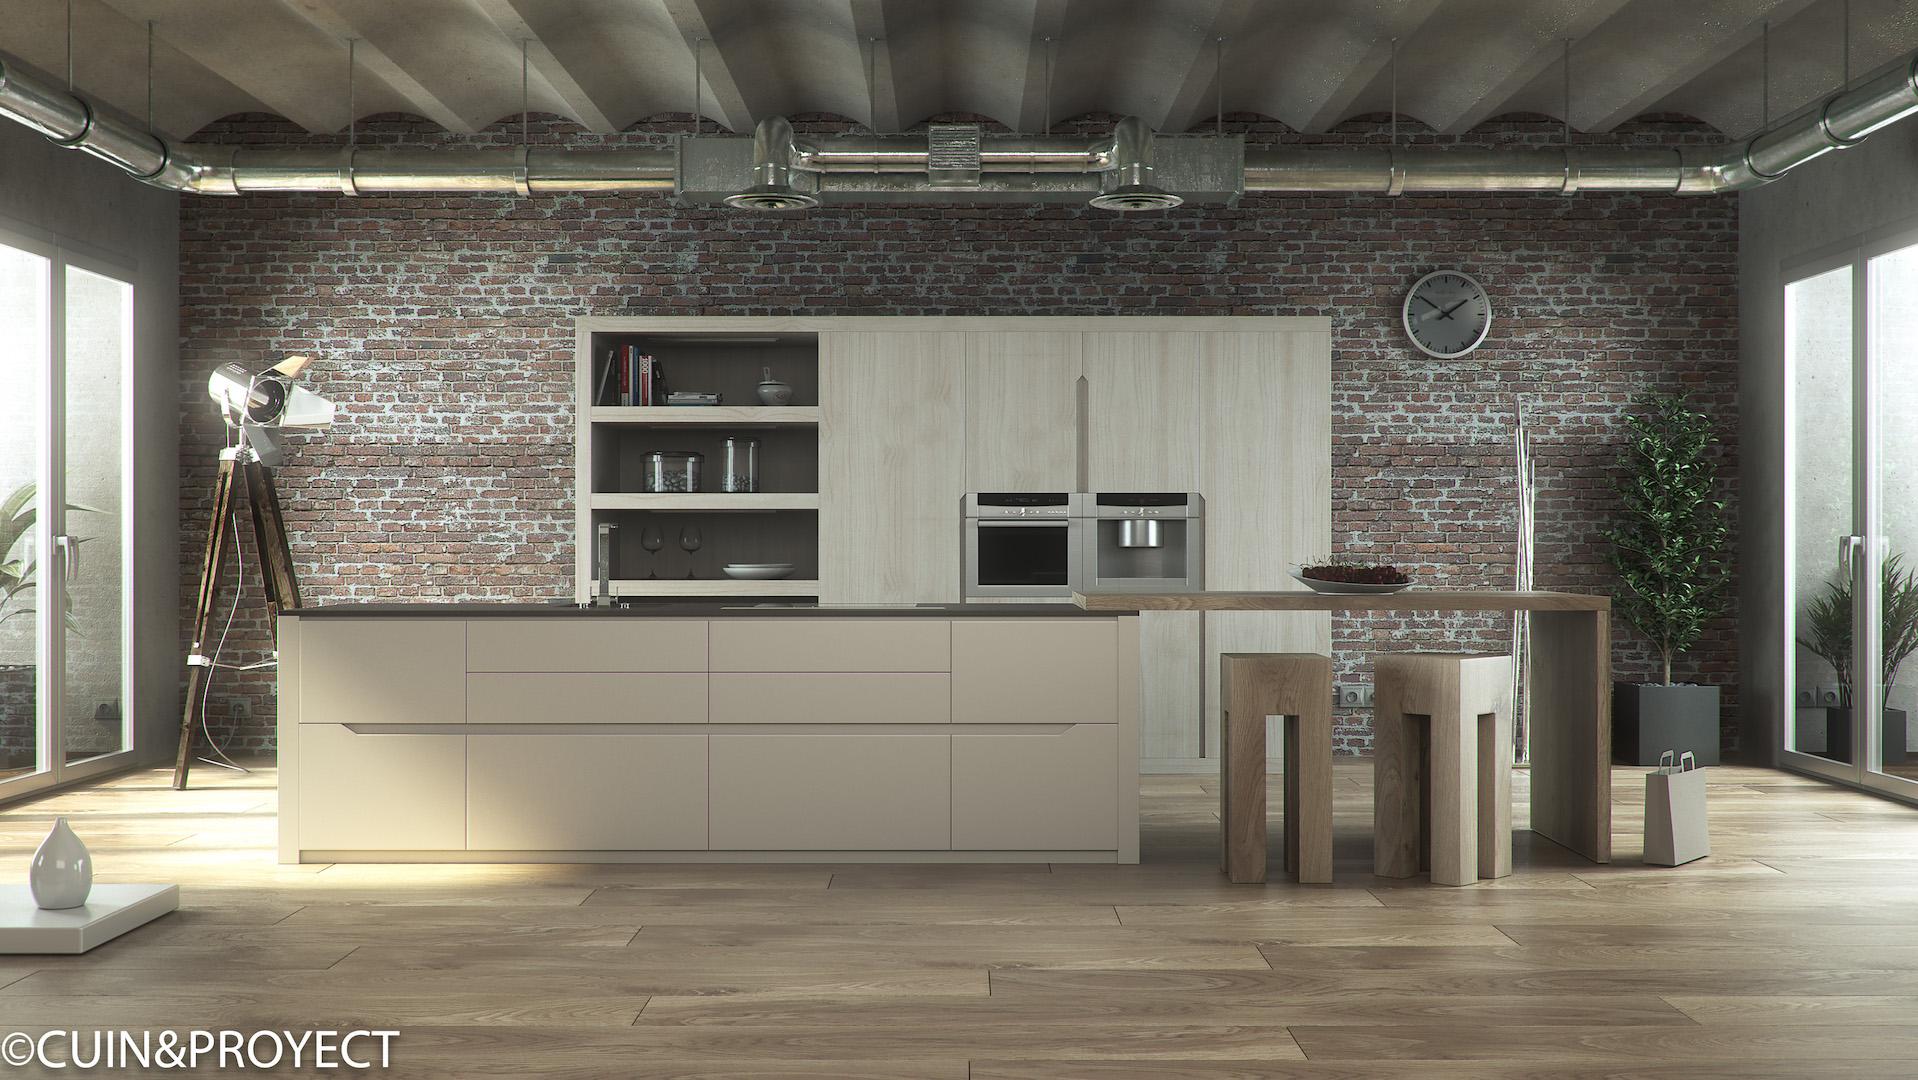 empresa-muebles-cocina-modernas-clasicas-benissa-marinaalta-alicante-cuinproyect-juancocinas-funcional-comoda-elegancia-vuanguardia-confort-tecnologia-contemporaneo-night-spain-11